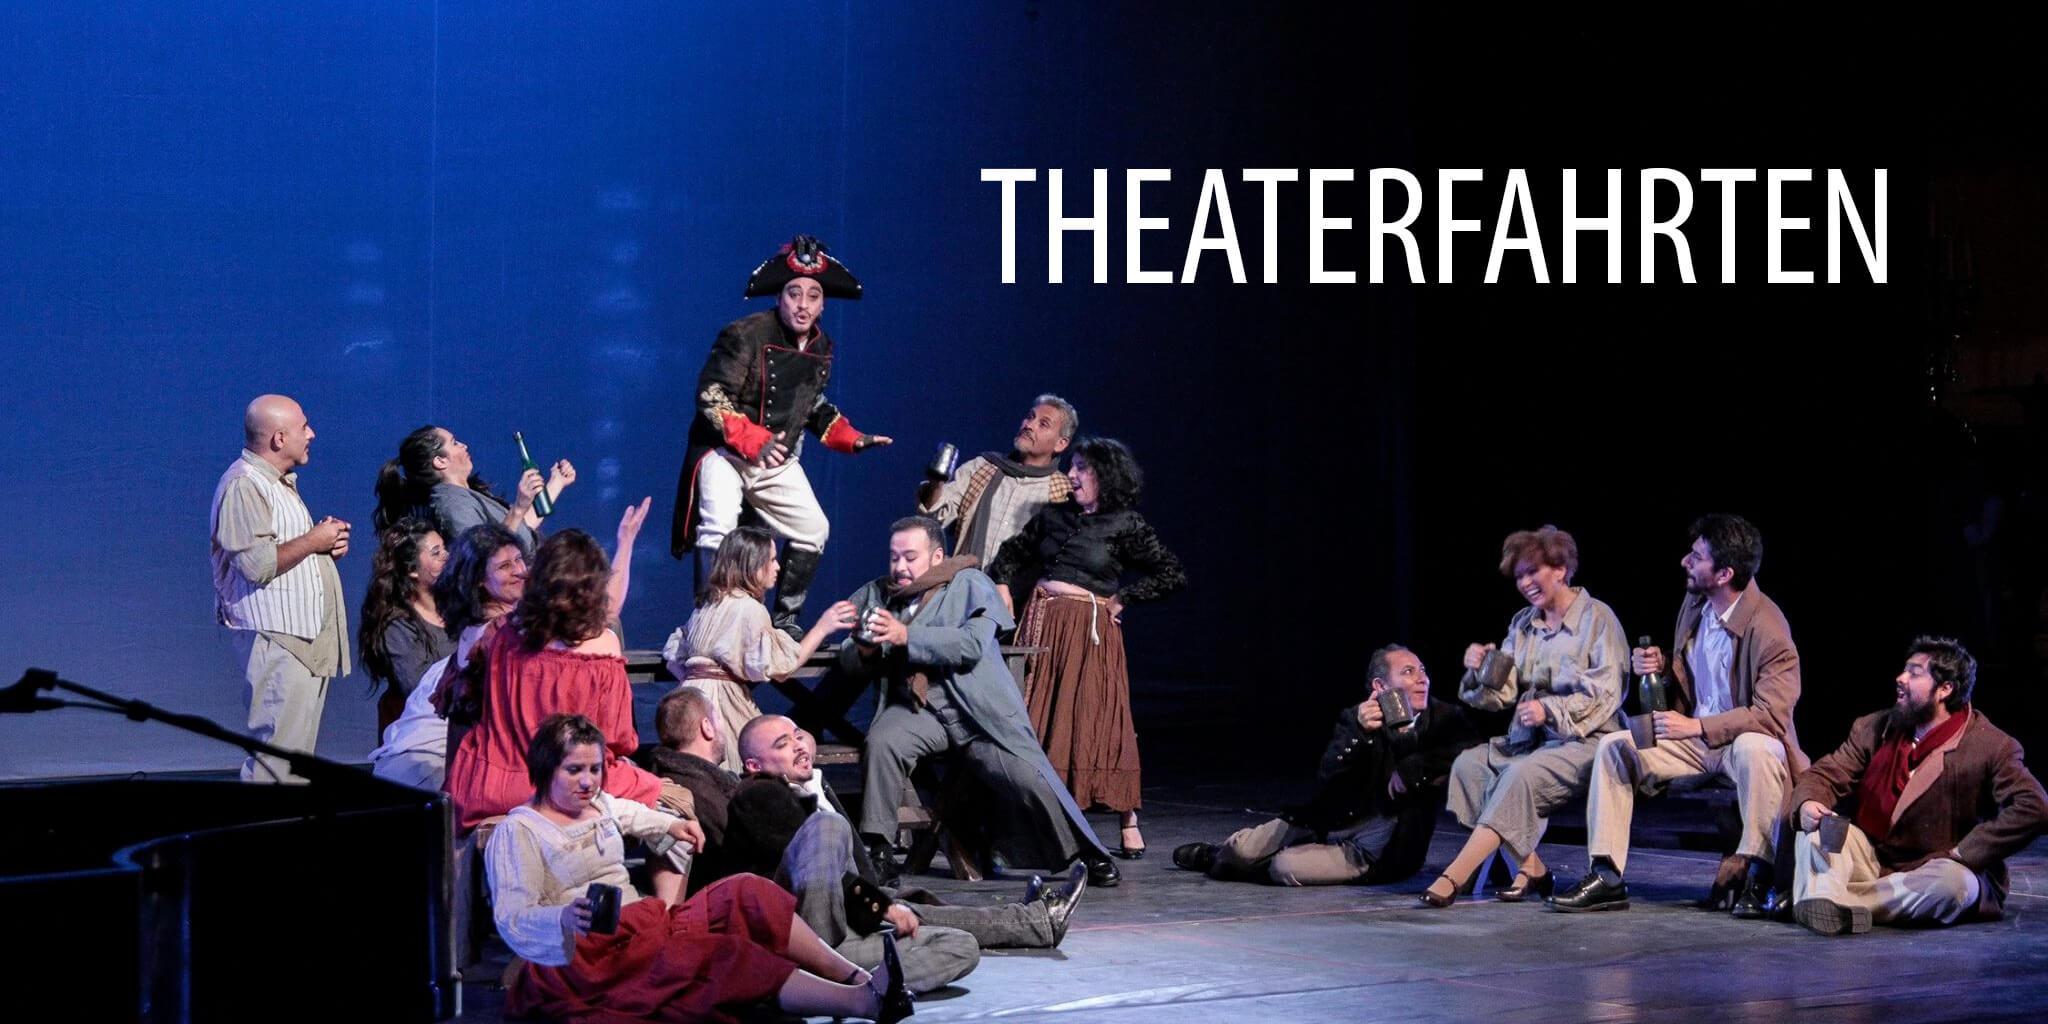 Theaterfahrten